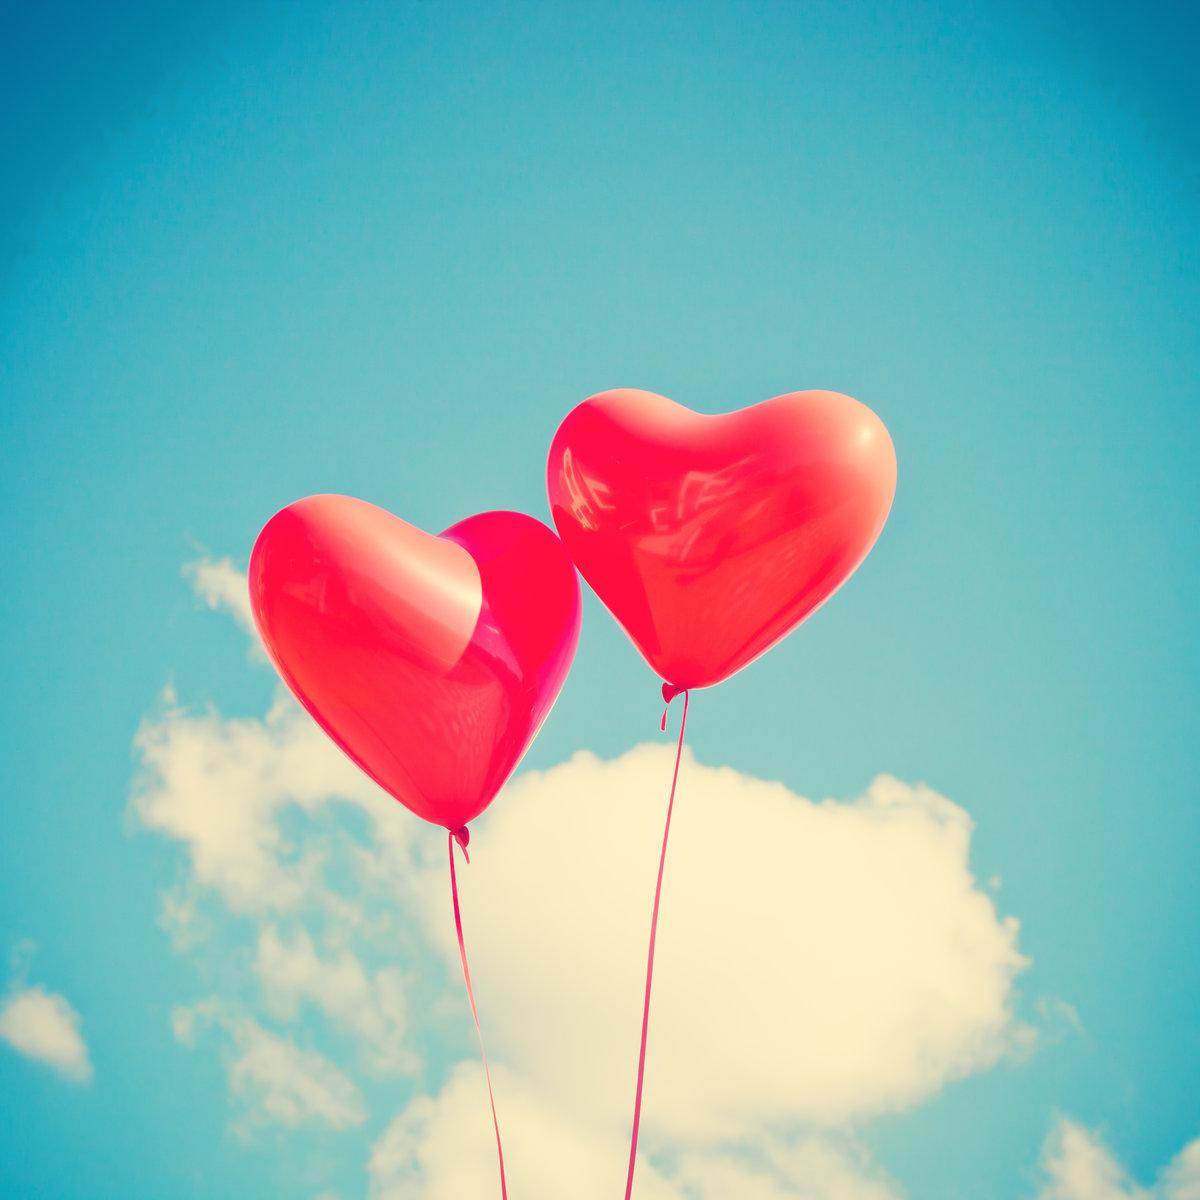 Des idées (gratuites) de dernières minutes pour la Saint Valentin